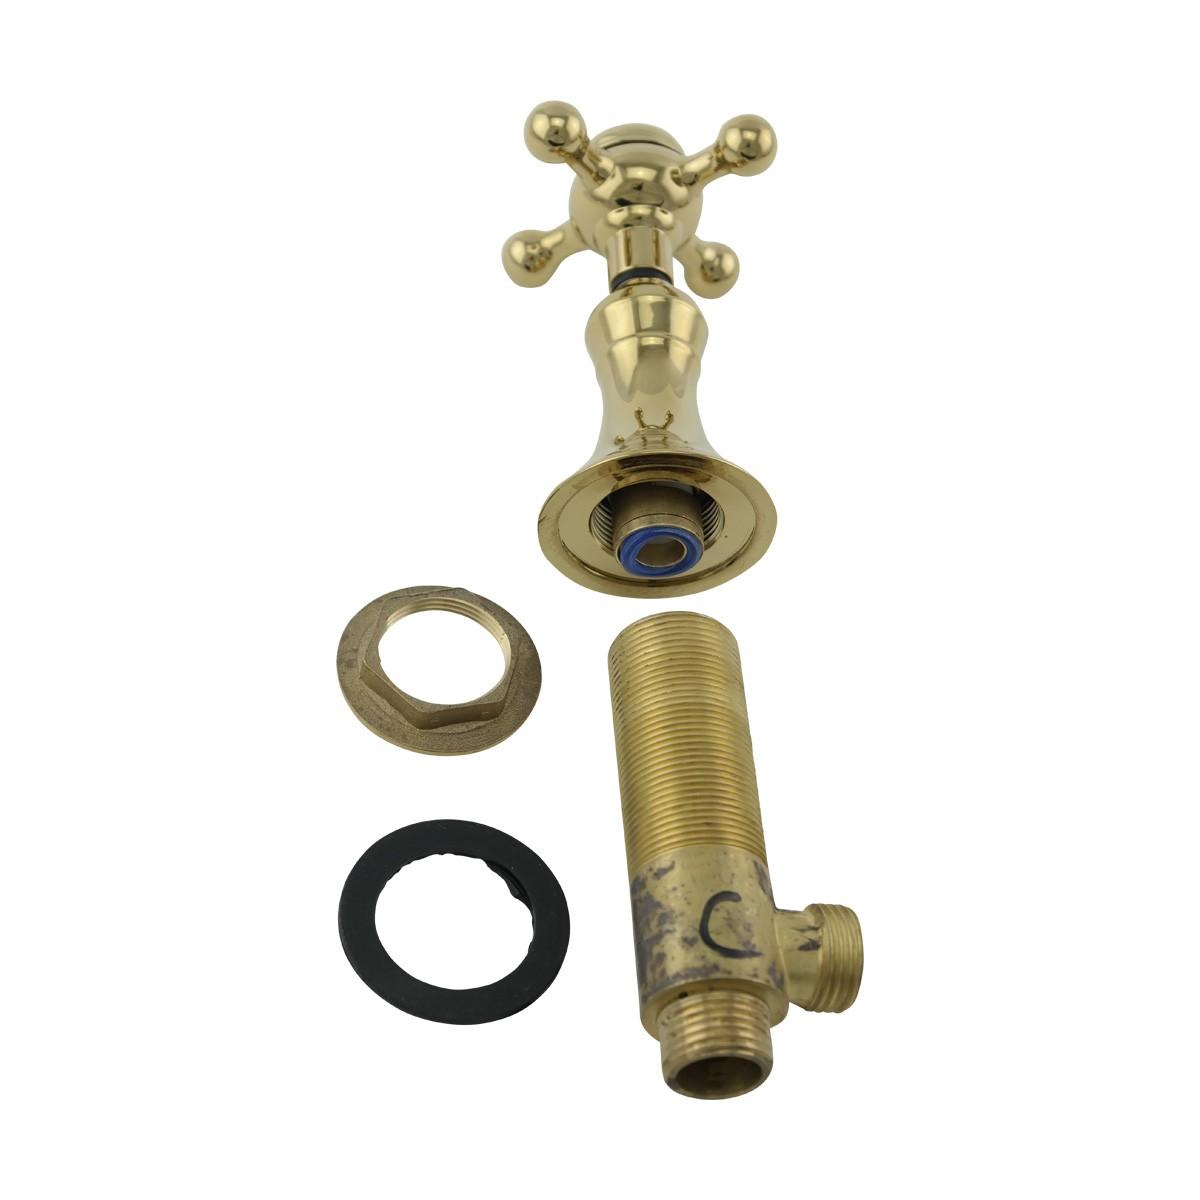 8 Widespread Sink Faucet Heavy Duty Brass PVD Widespread Faucet Bathroom Sink Widespread Faucet Wide spread Faucet